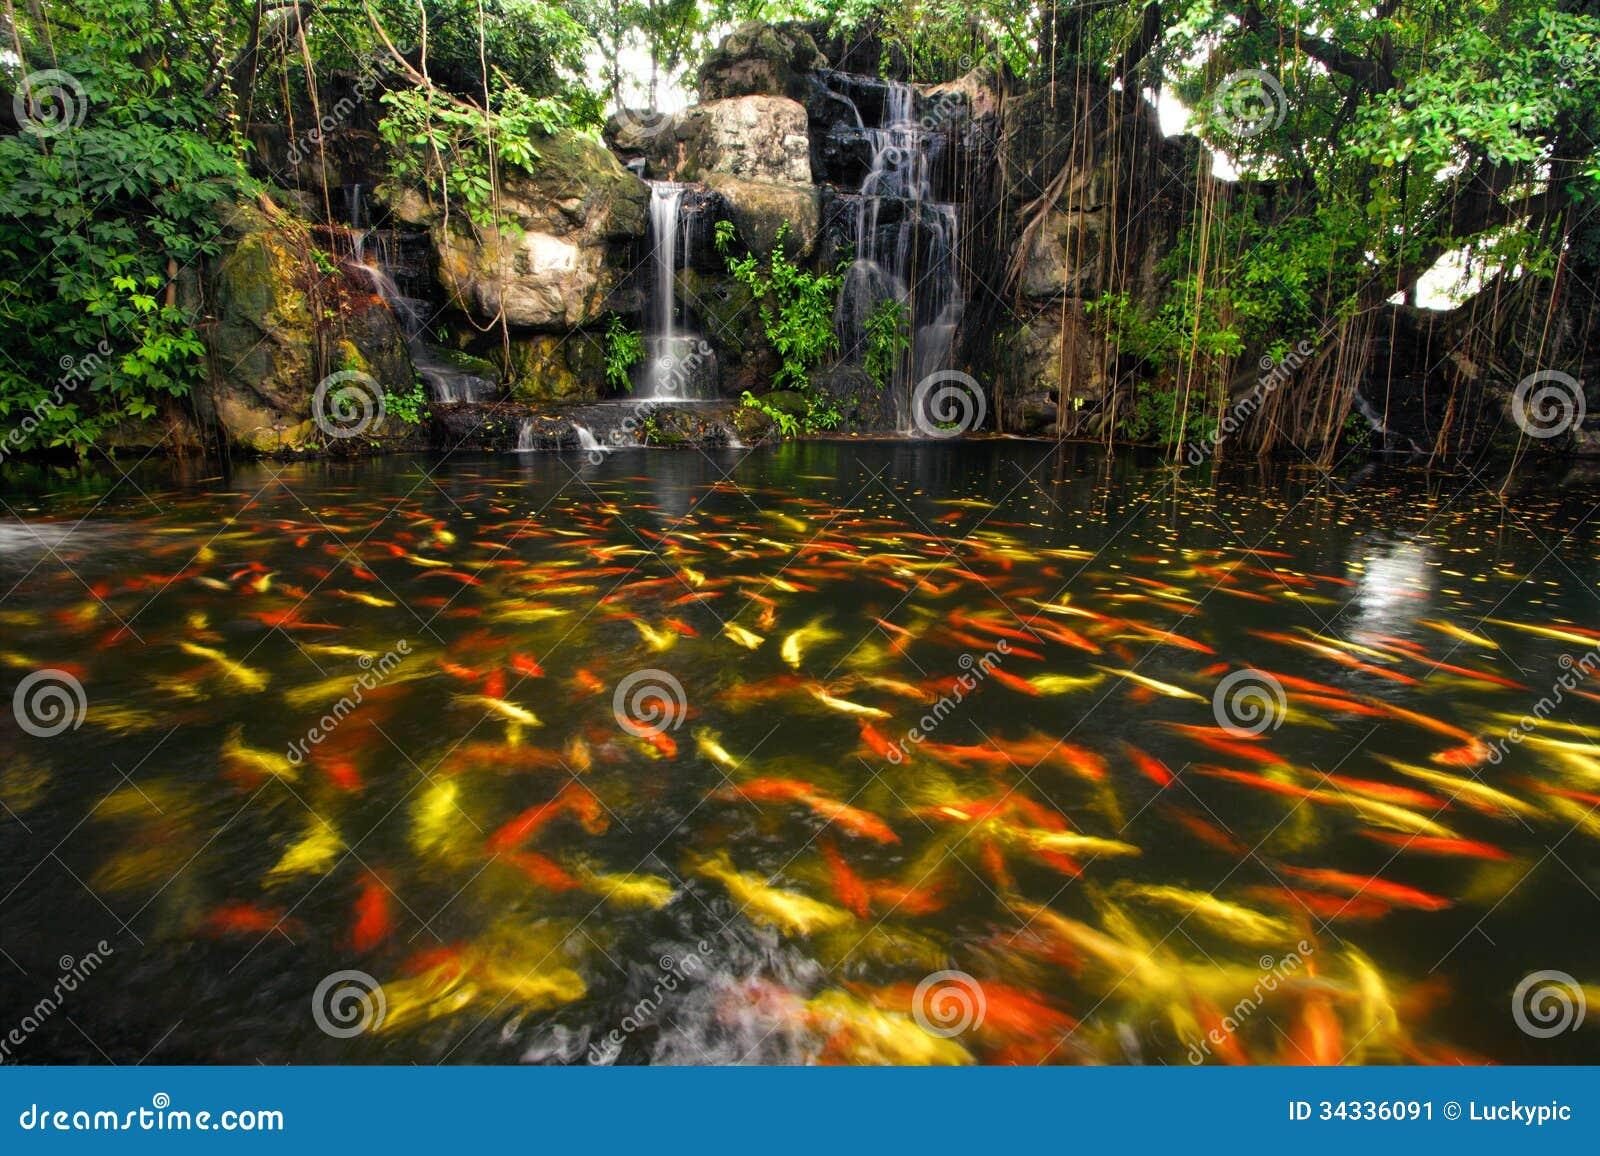 Koi Fische Im Teich Am Garten